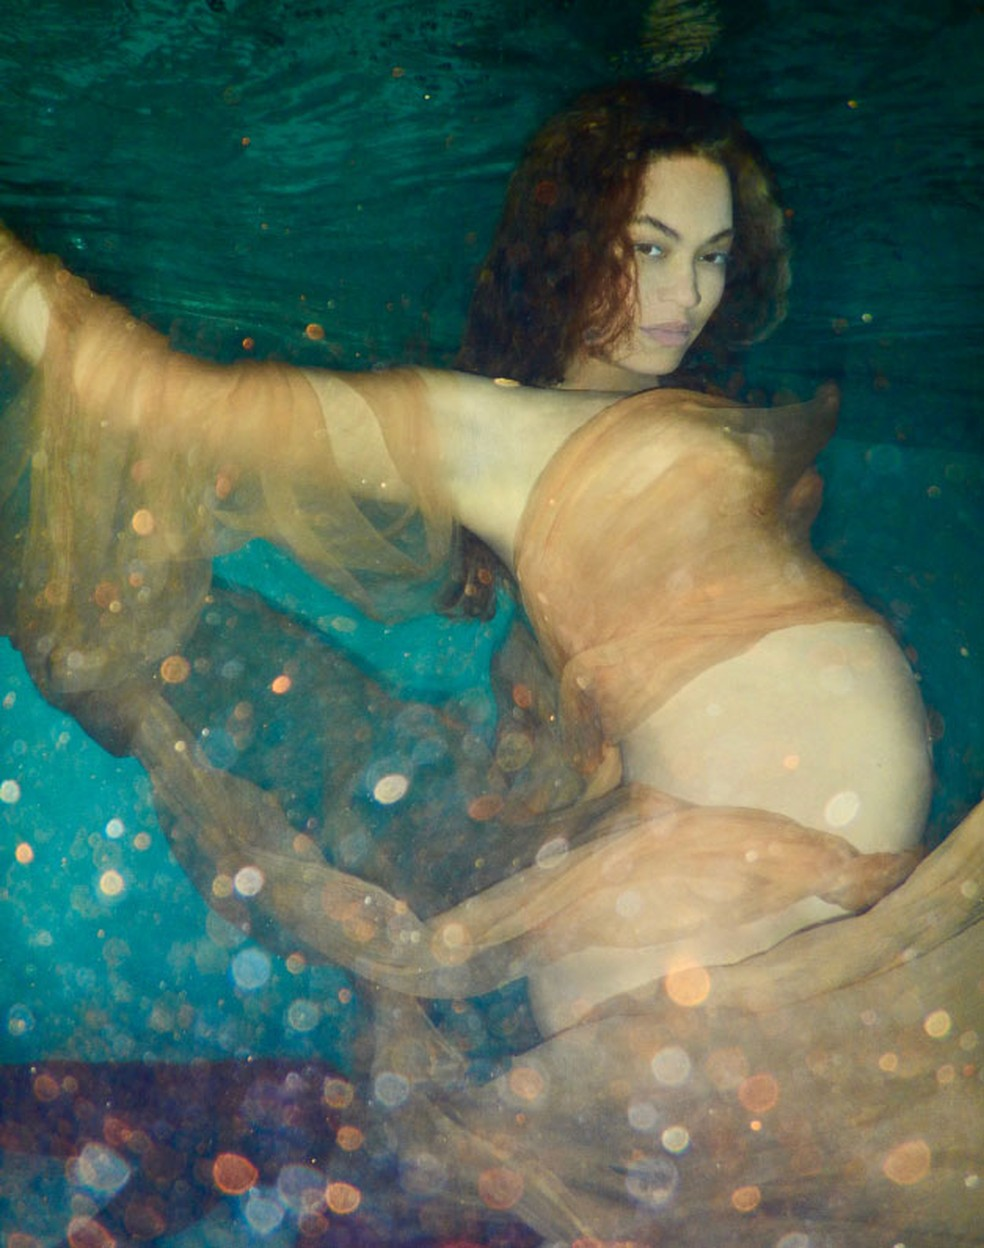 Cantora divulgou fotos em seu site oficial. (Foto: Reprodução/Awol Erizku/Site oficial da artista)